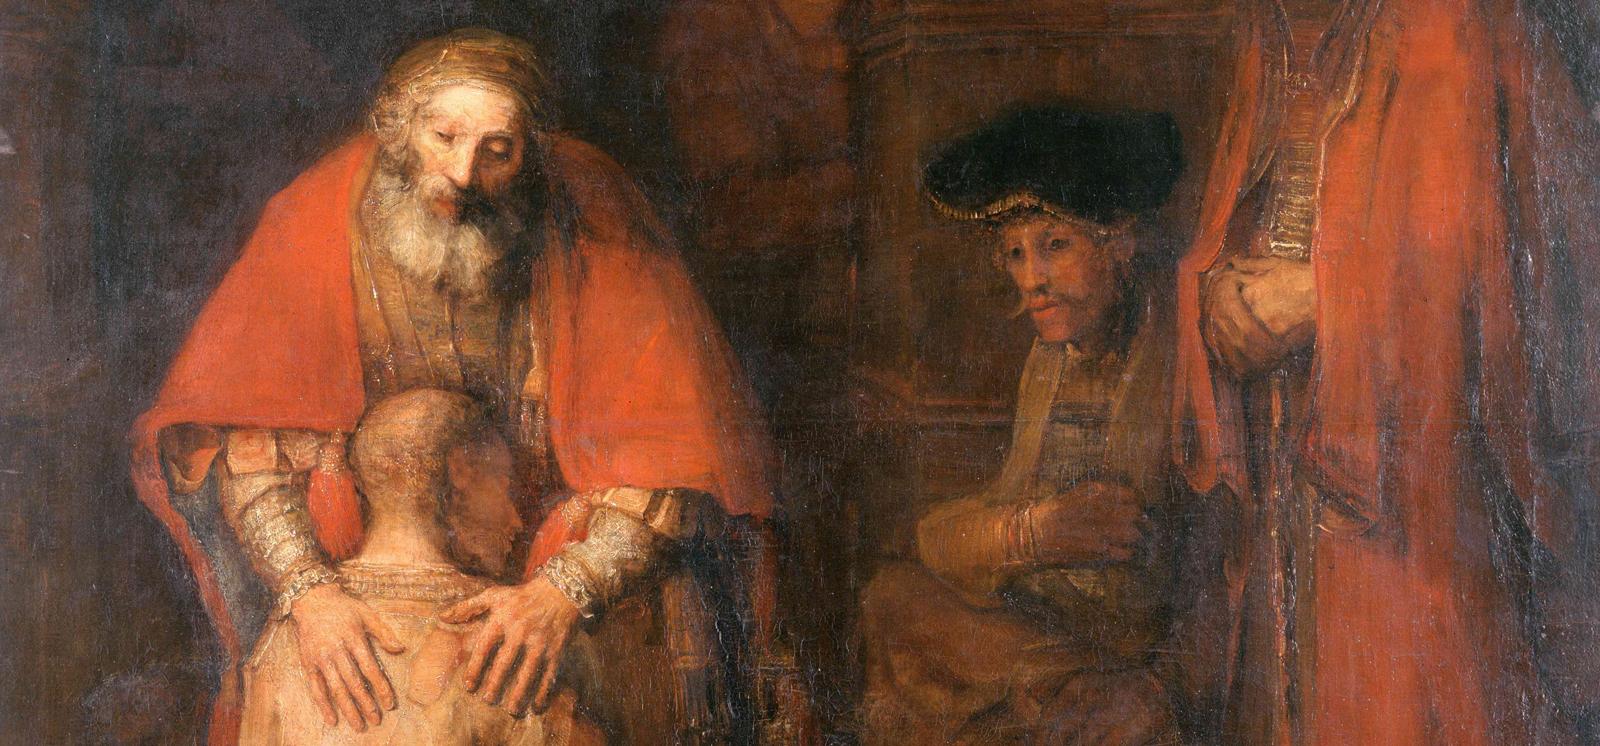 Déposer votre fardeau dans le sacrement de la Miséricorde de Dieu lors d'une retraite spirituelle